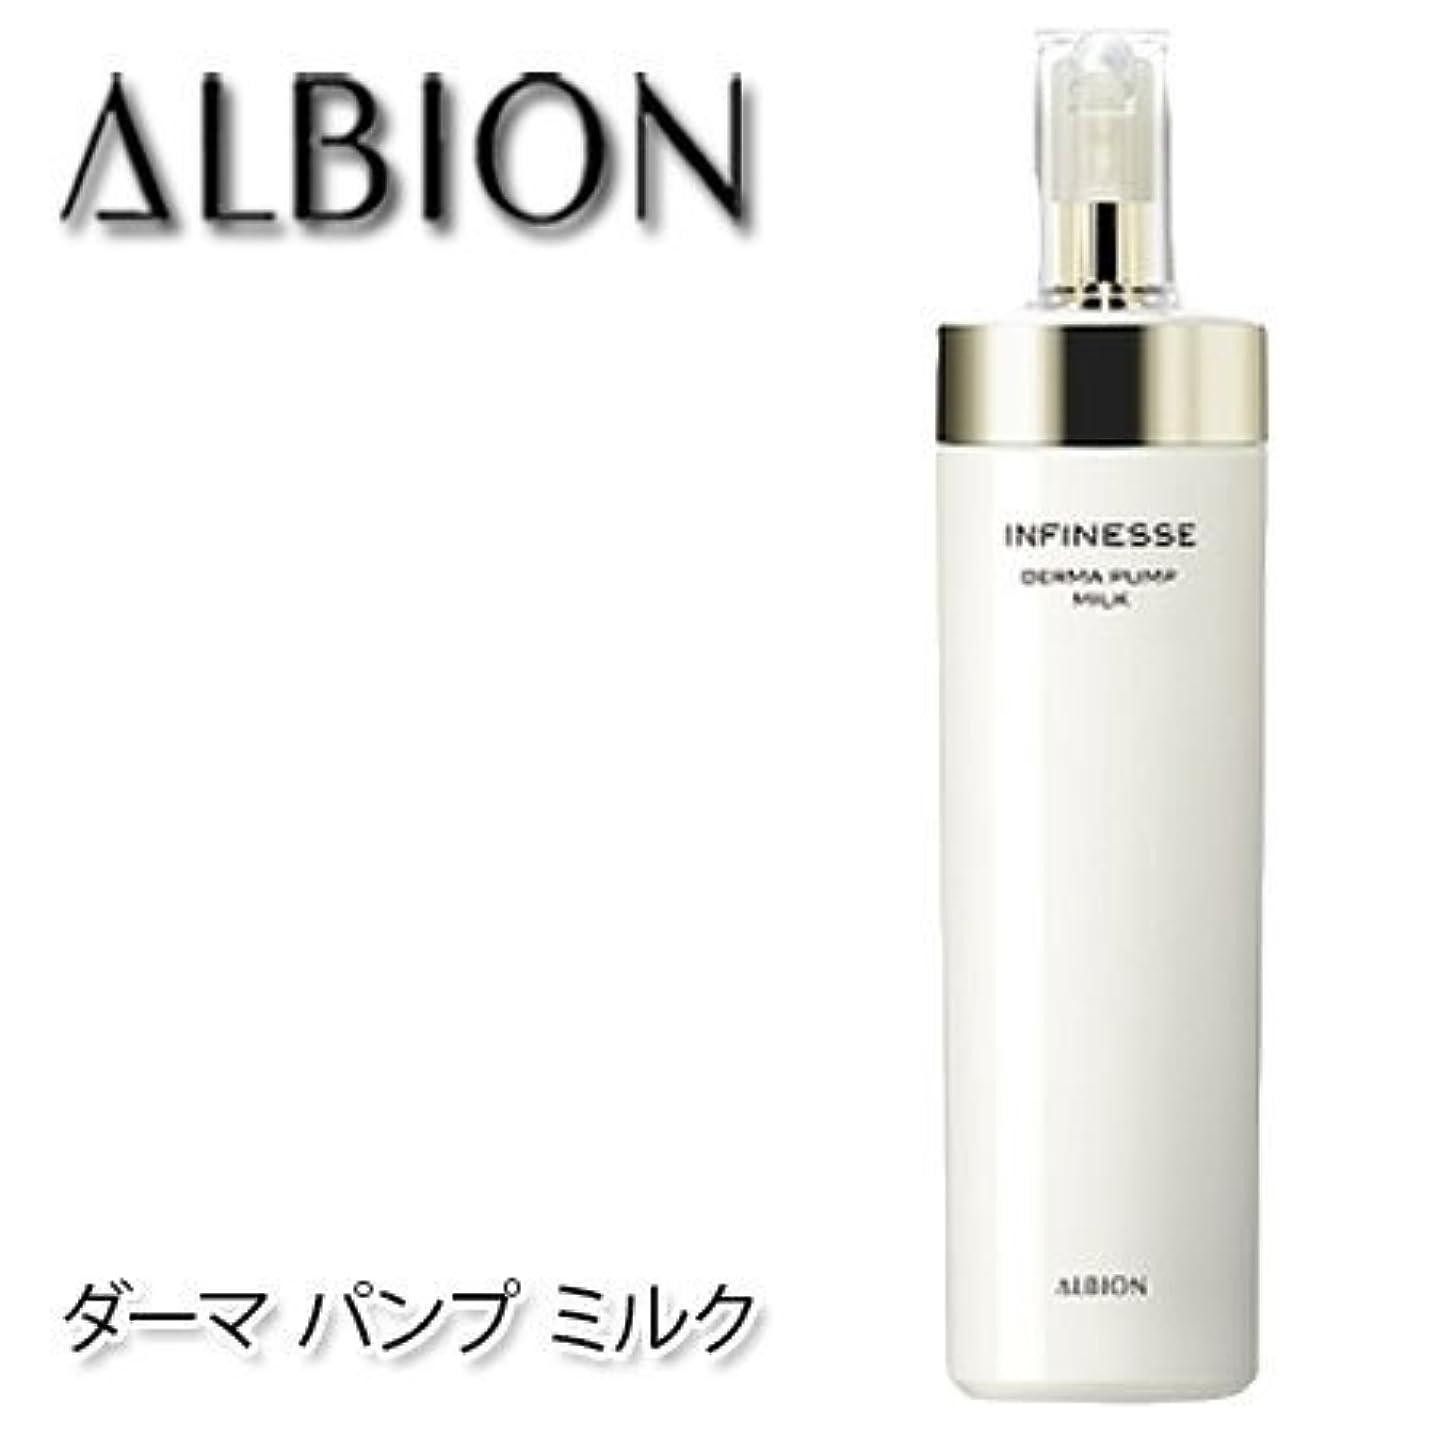 コンパイル検出食欲アルビオン アンフィネス ダーマ パンプ ミルク 200g-ALBION-